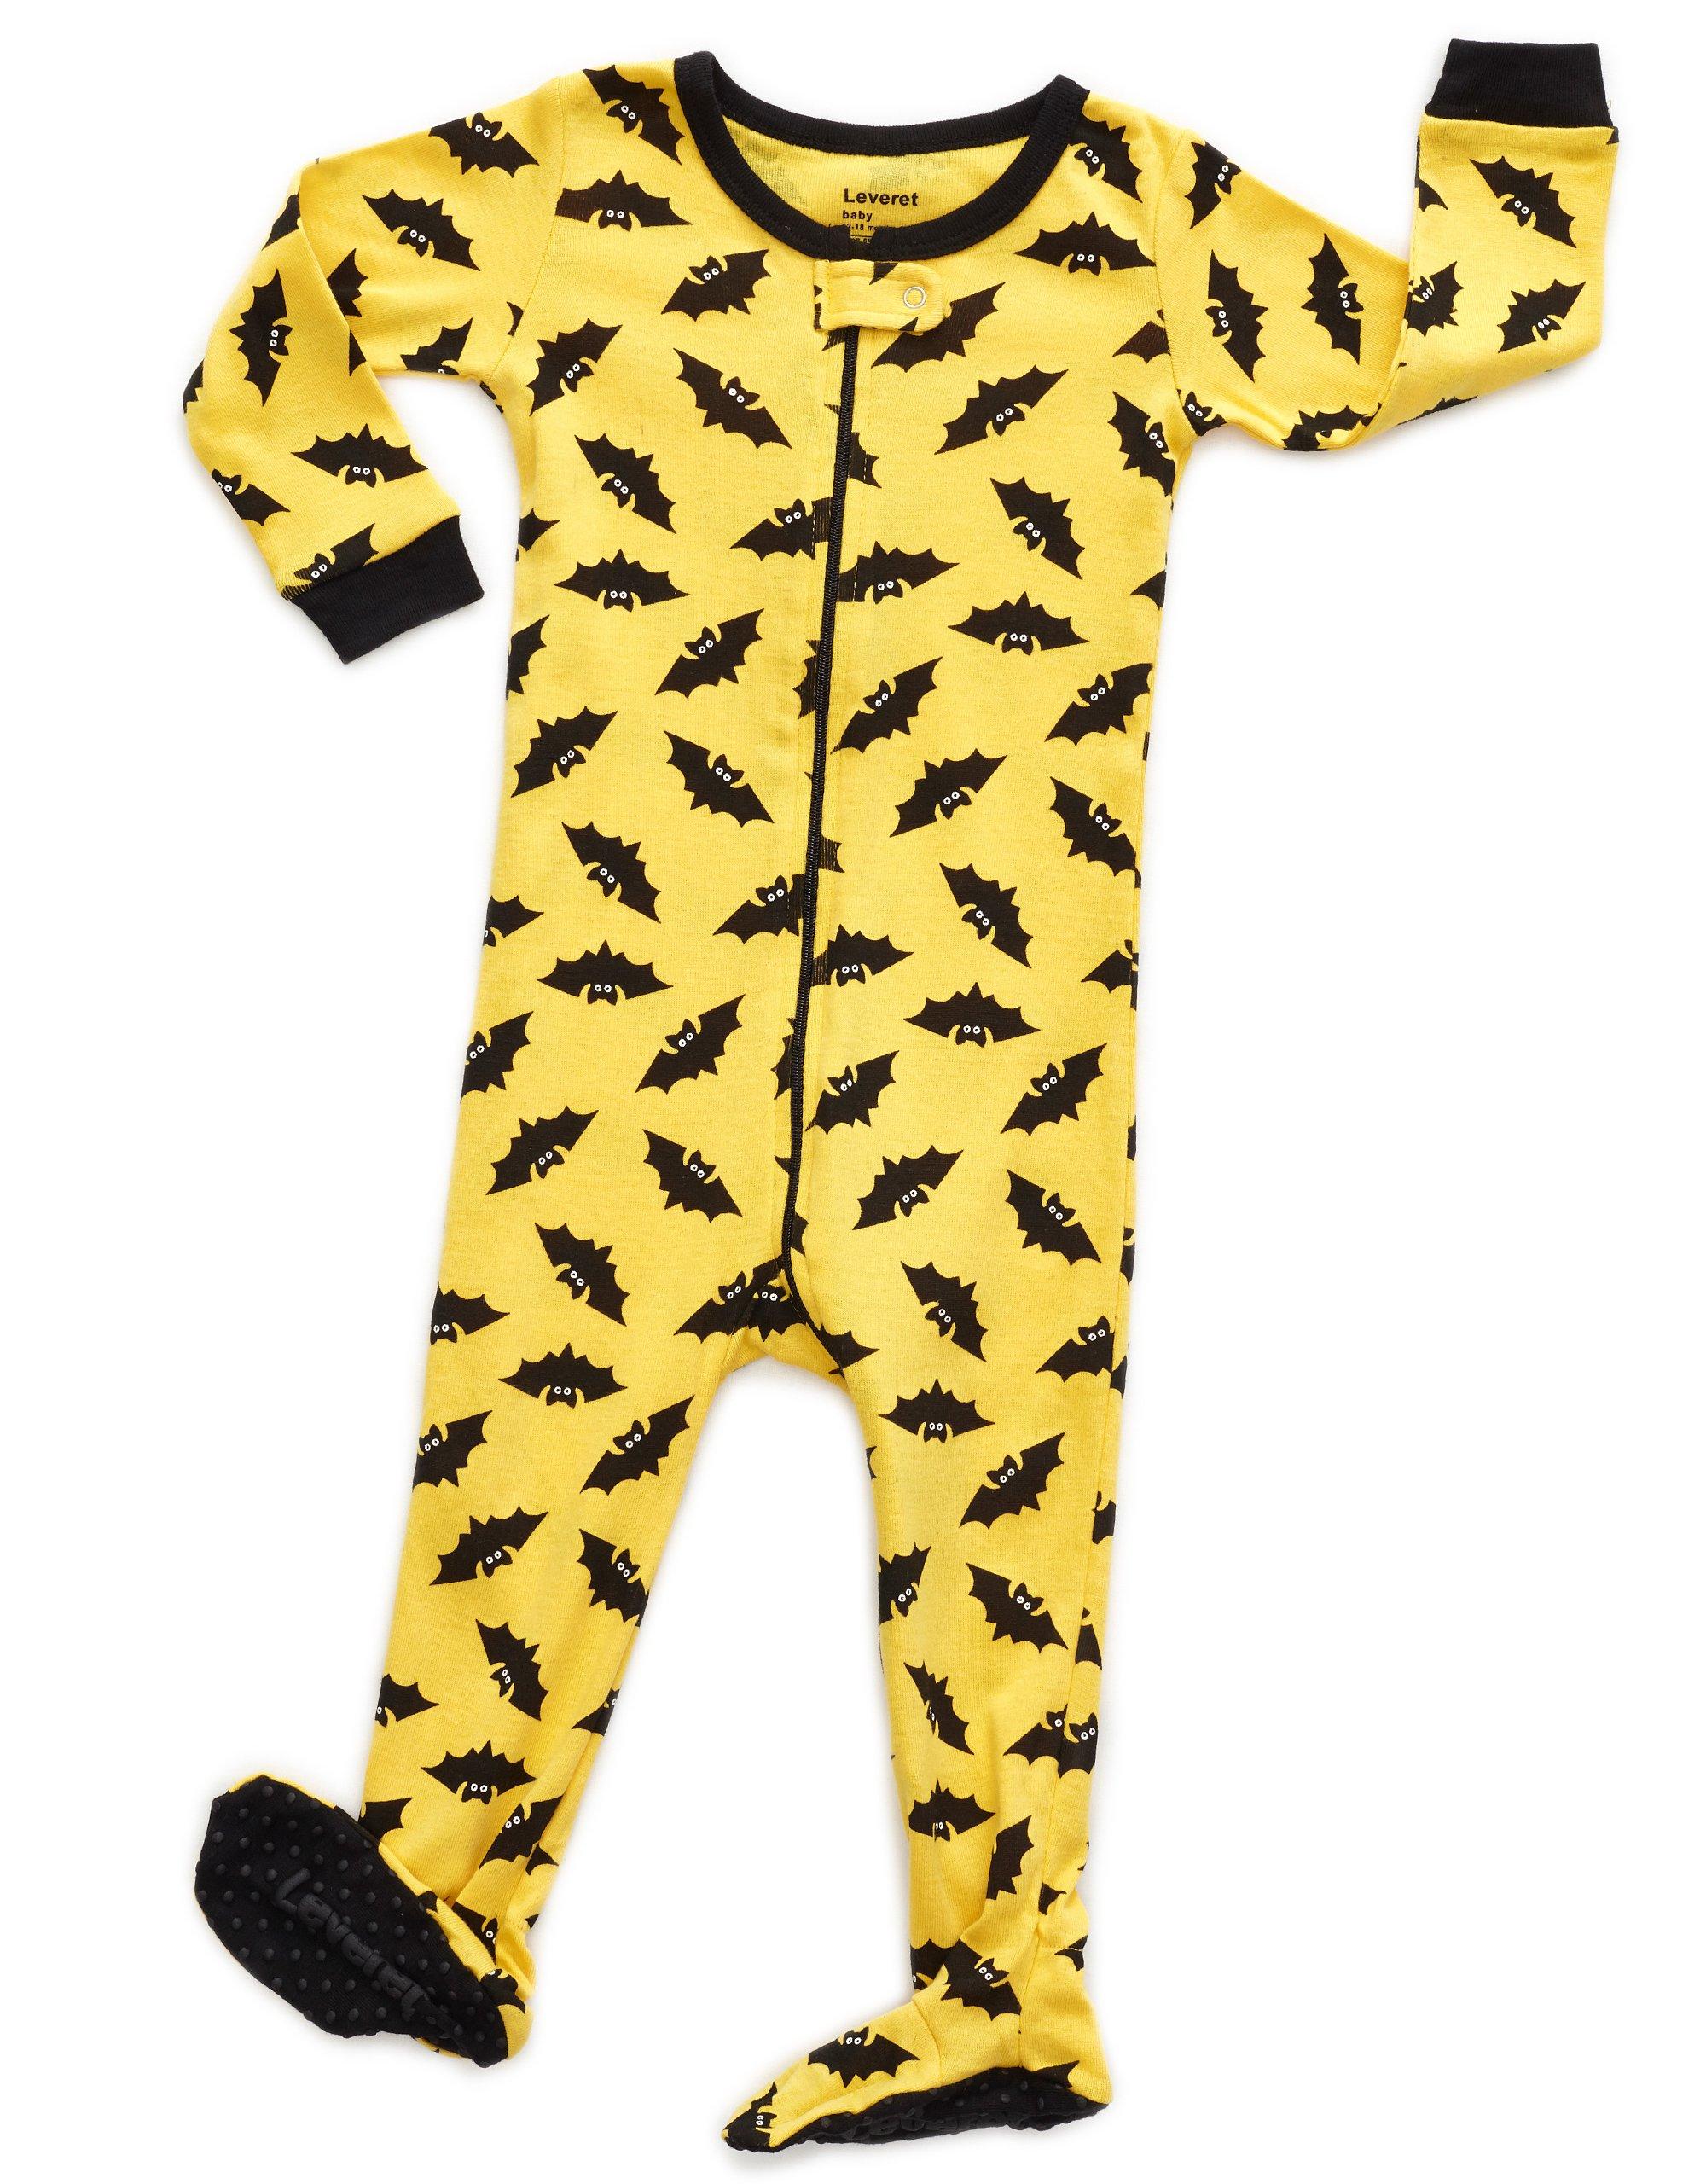 Leveret Baby Boys Girls Footed Pajamas Sleeper 100/% Organic Cotton Kids /& Toddler Pjs Sleepwear 6 Months-5 Toddler